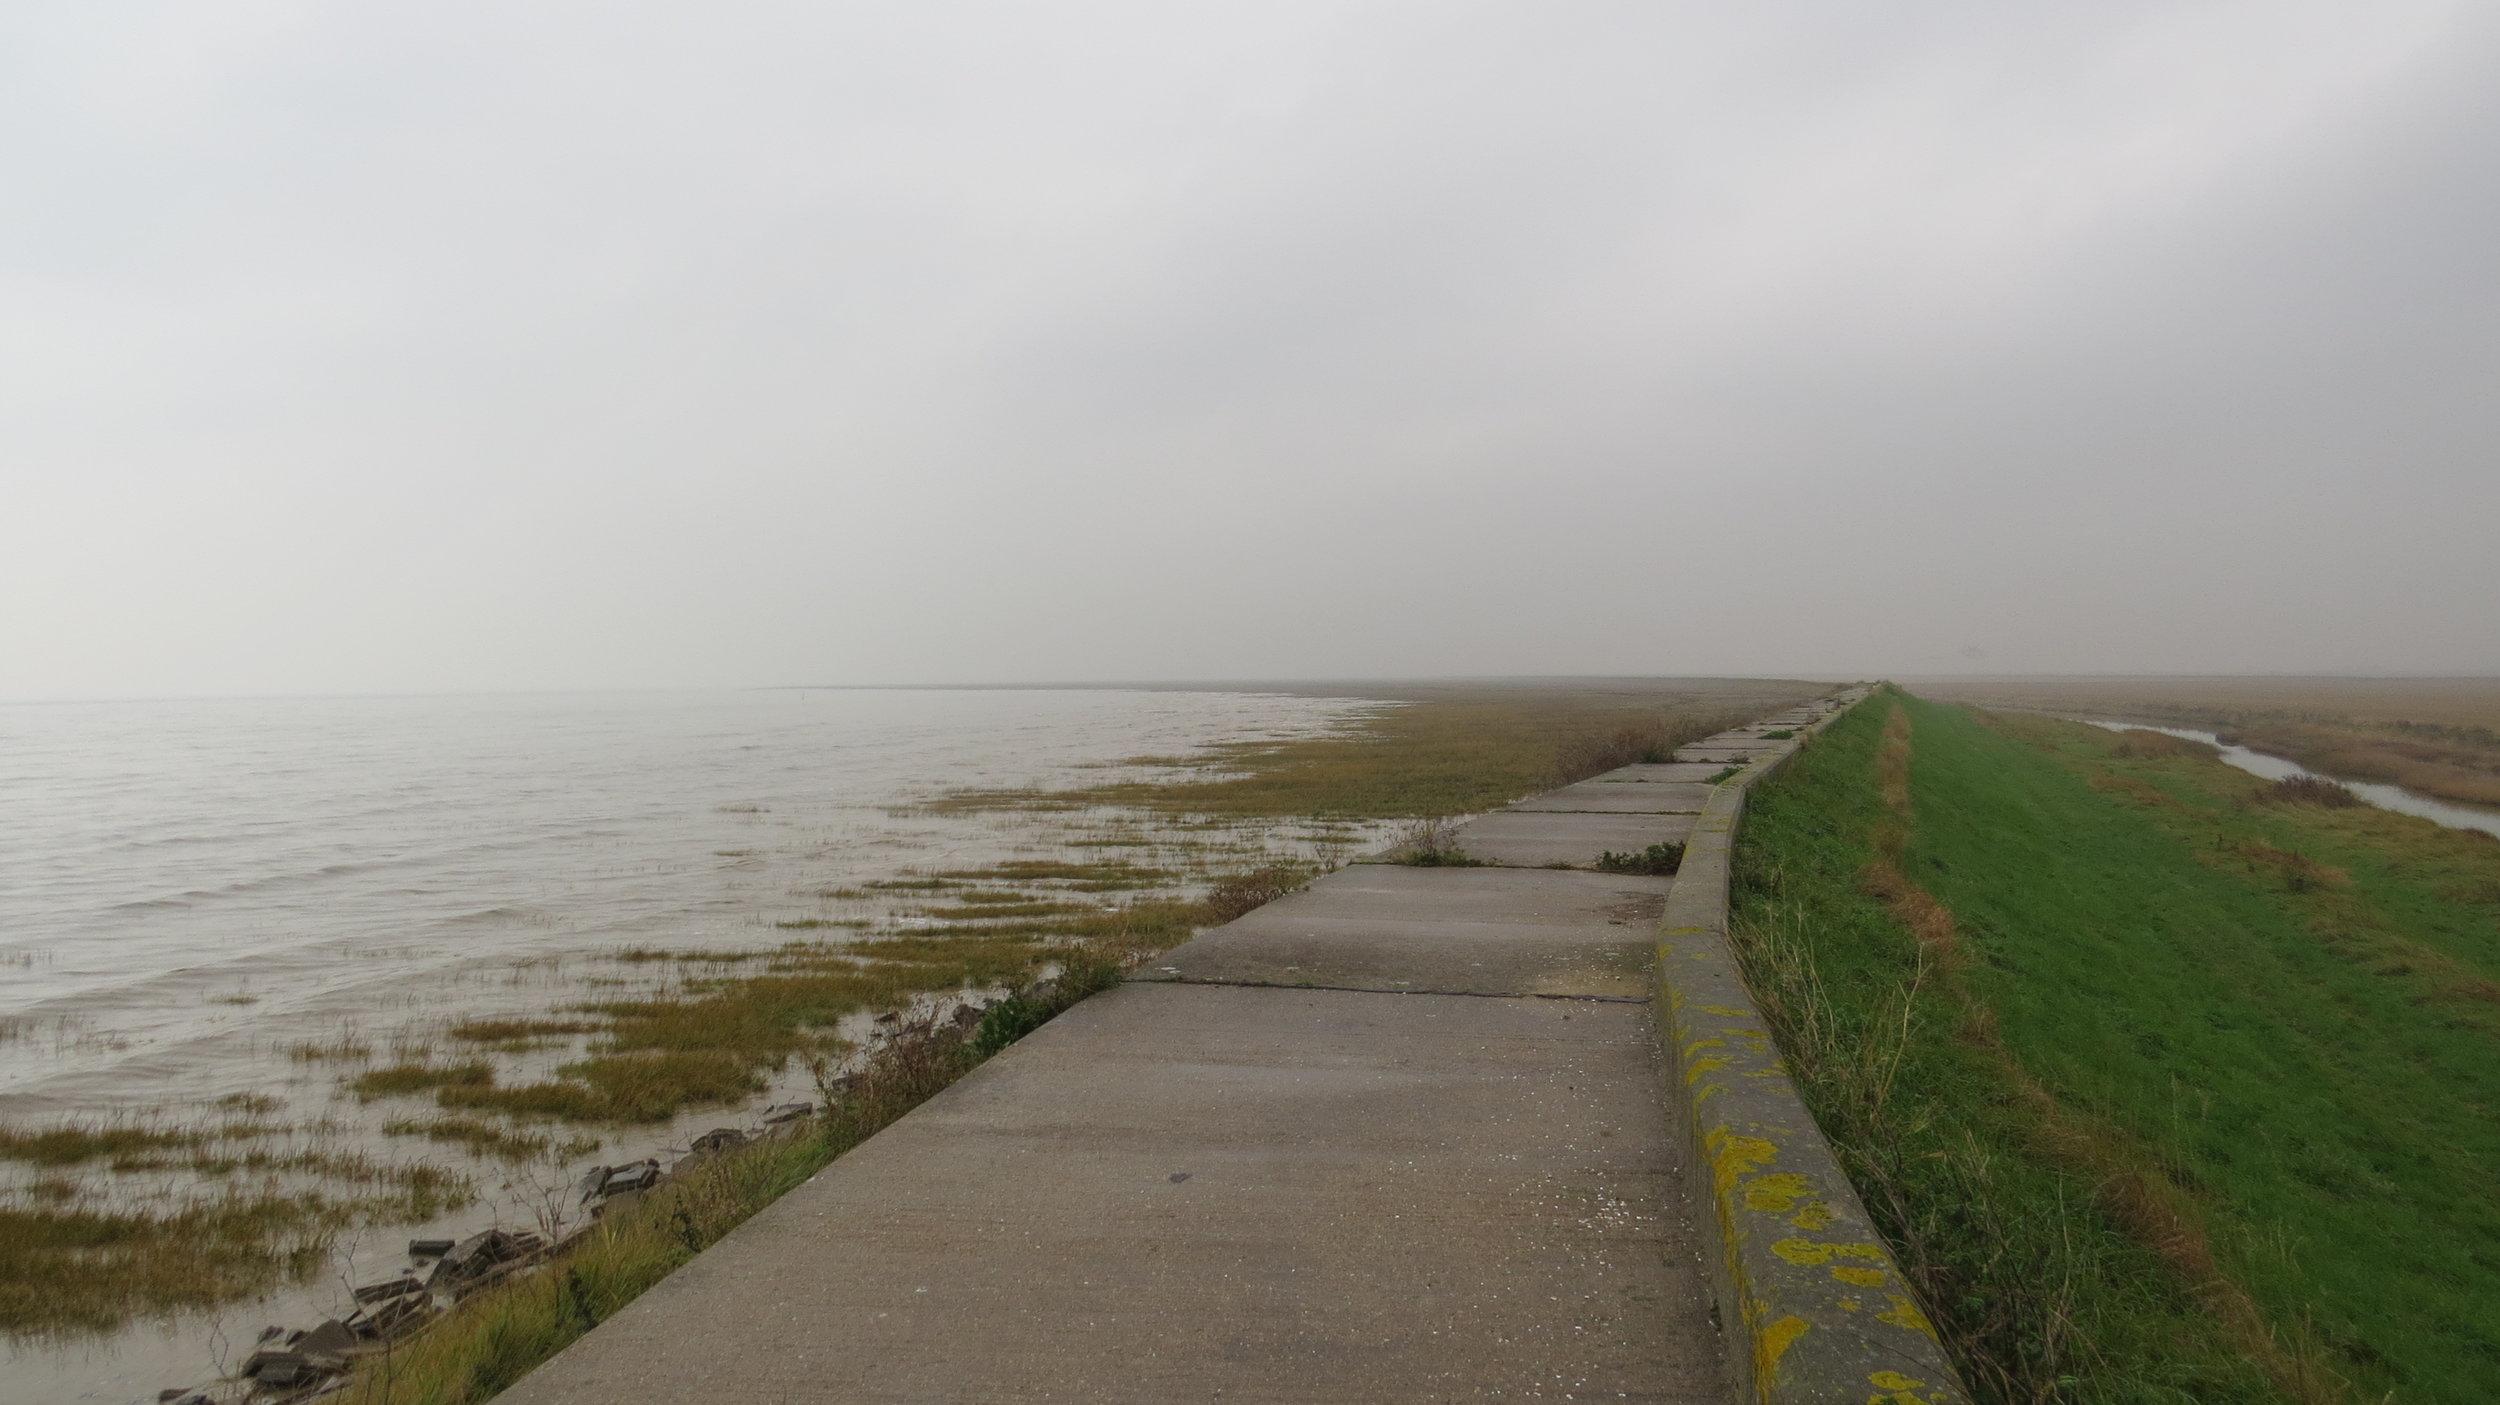 Sea Wall Walking